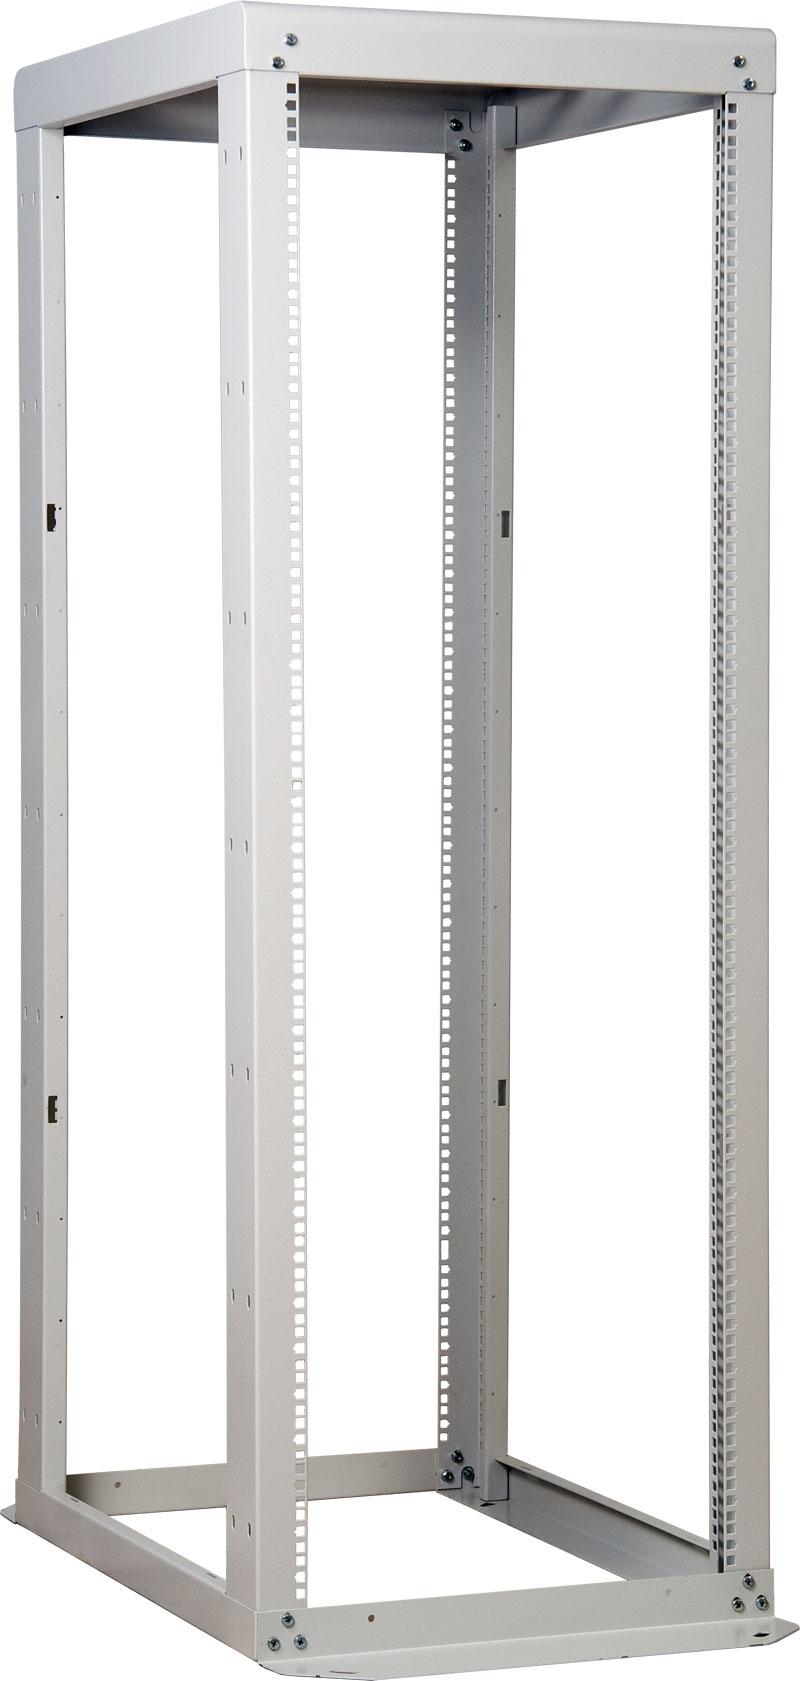 Стойка телекоммуникационная серверная двухрамная iCA Equipment 24U.750